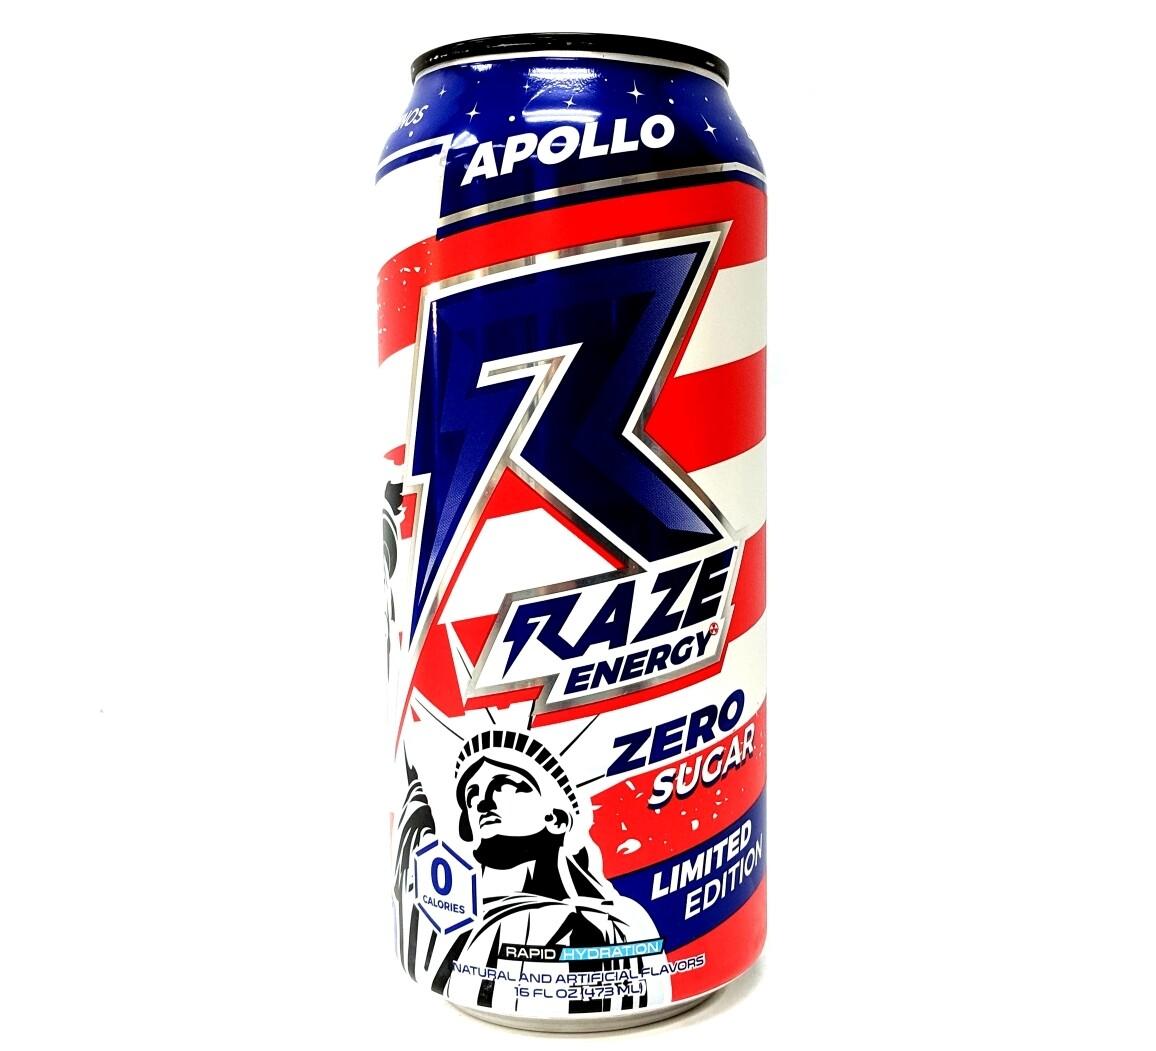 Raze Energy Drink - Apollo